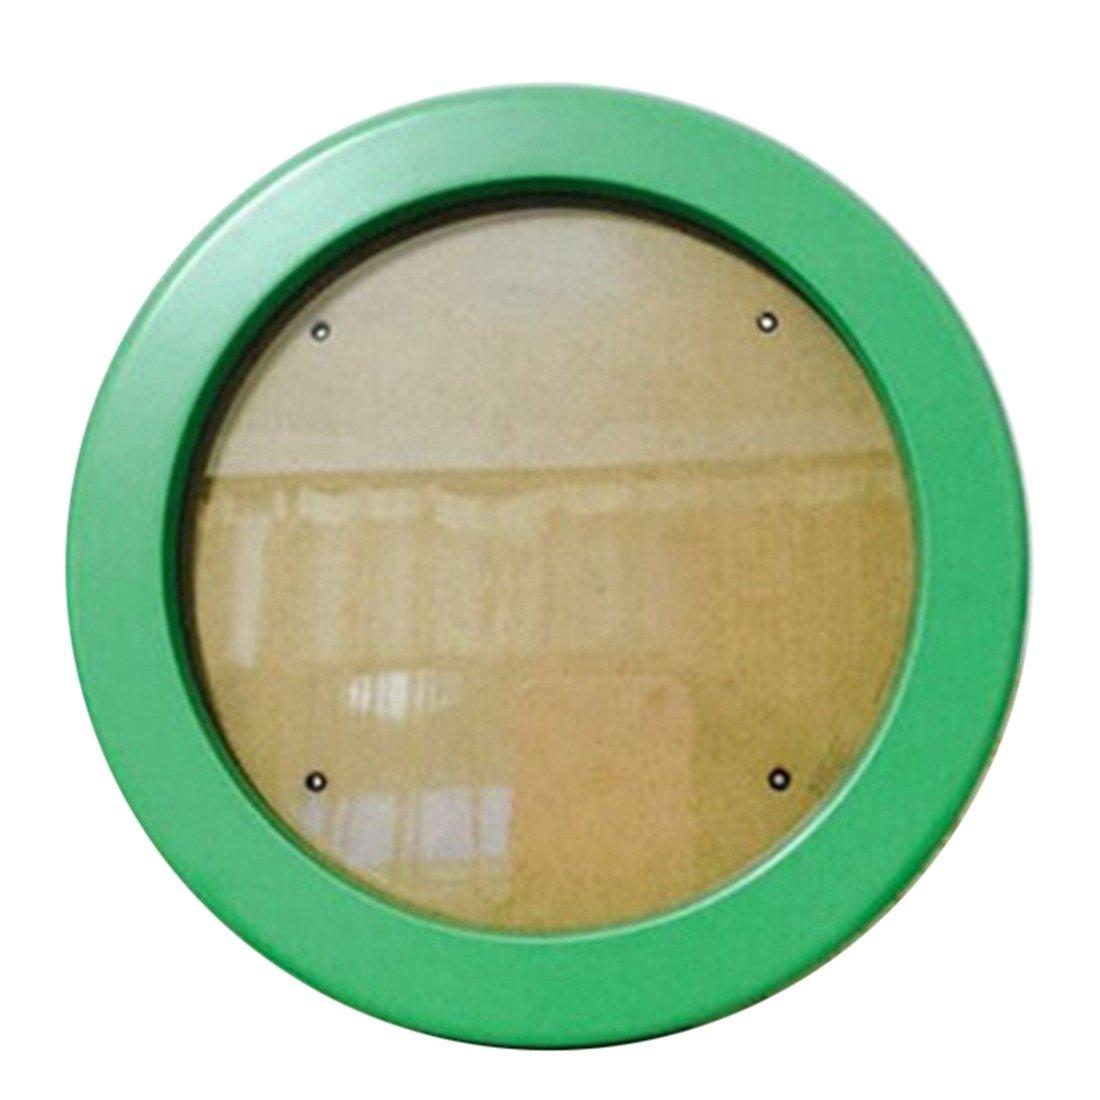 17,78 cm Zhaoke rund Bild Rahmen Holz Bilderrahmen Vintage Aufh/ängen Bild Display Organizer Halterung f/ür Wohnzimmer Home Wand-Decor navy 7 Zoll